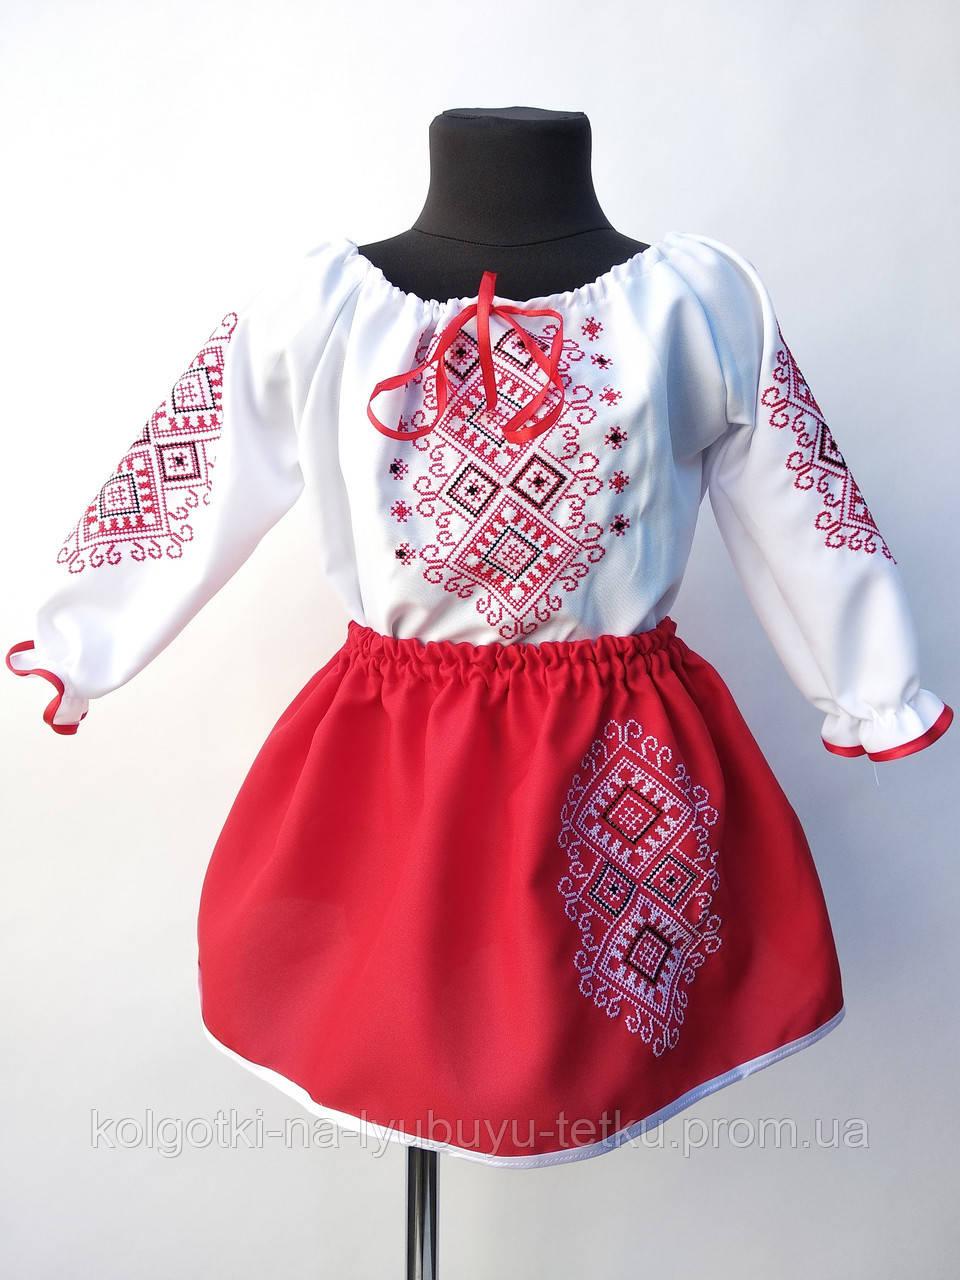 c7312ad583d1aa Вишиті костюми для дівчаток віком від 8 до 12 років. Д05. , цена 250 ...